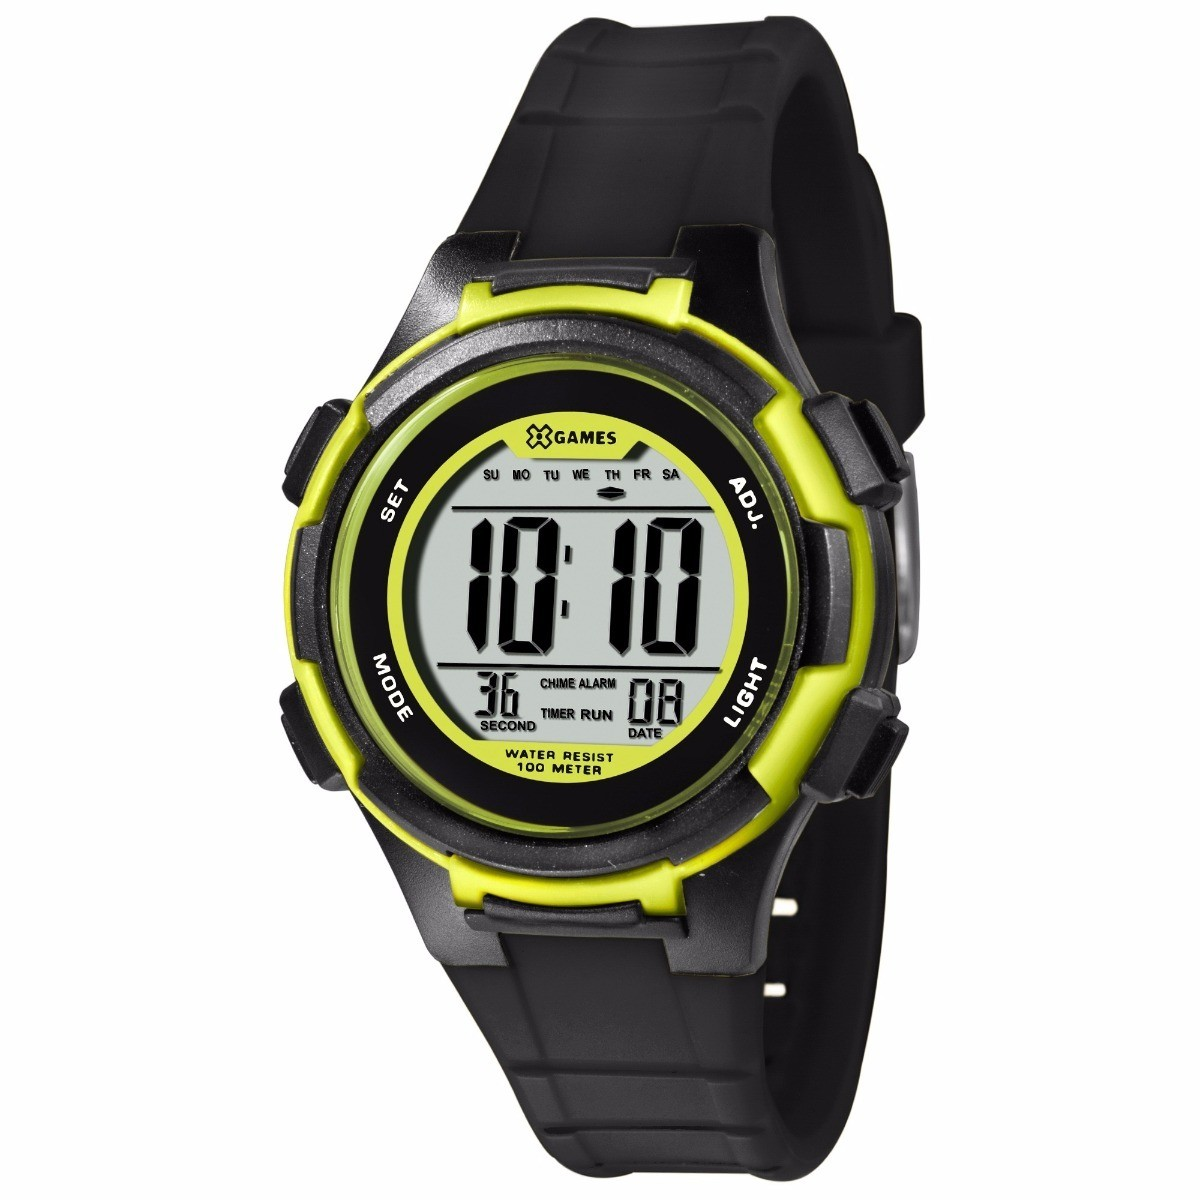 Relógio X-Games Masculino - XKPPD038 BXPX  - Dumont Online - Joias e Relógios